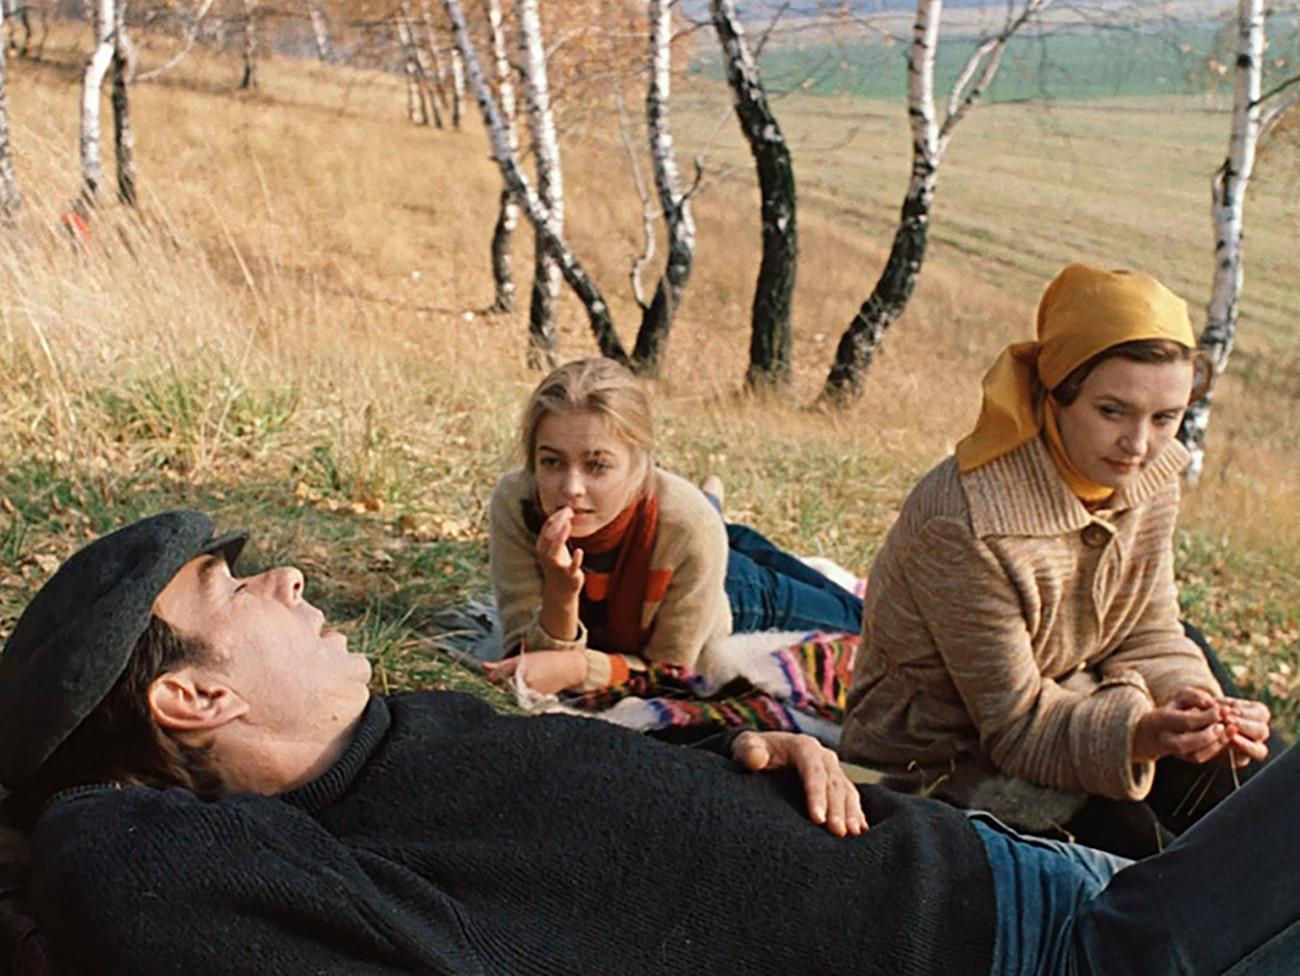 Una scena tratta dal film sovietico